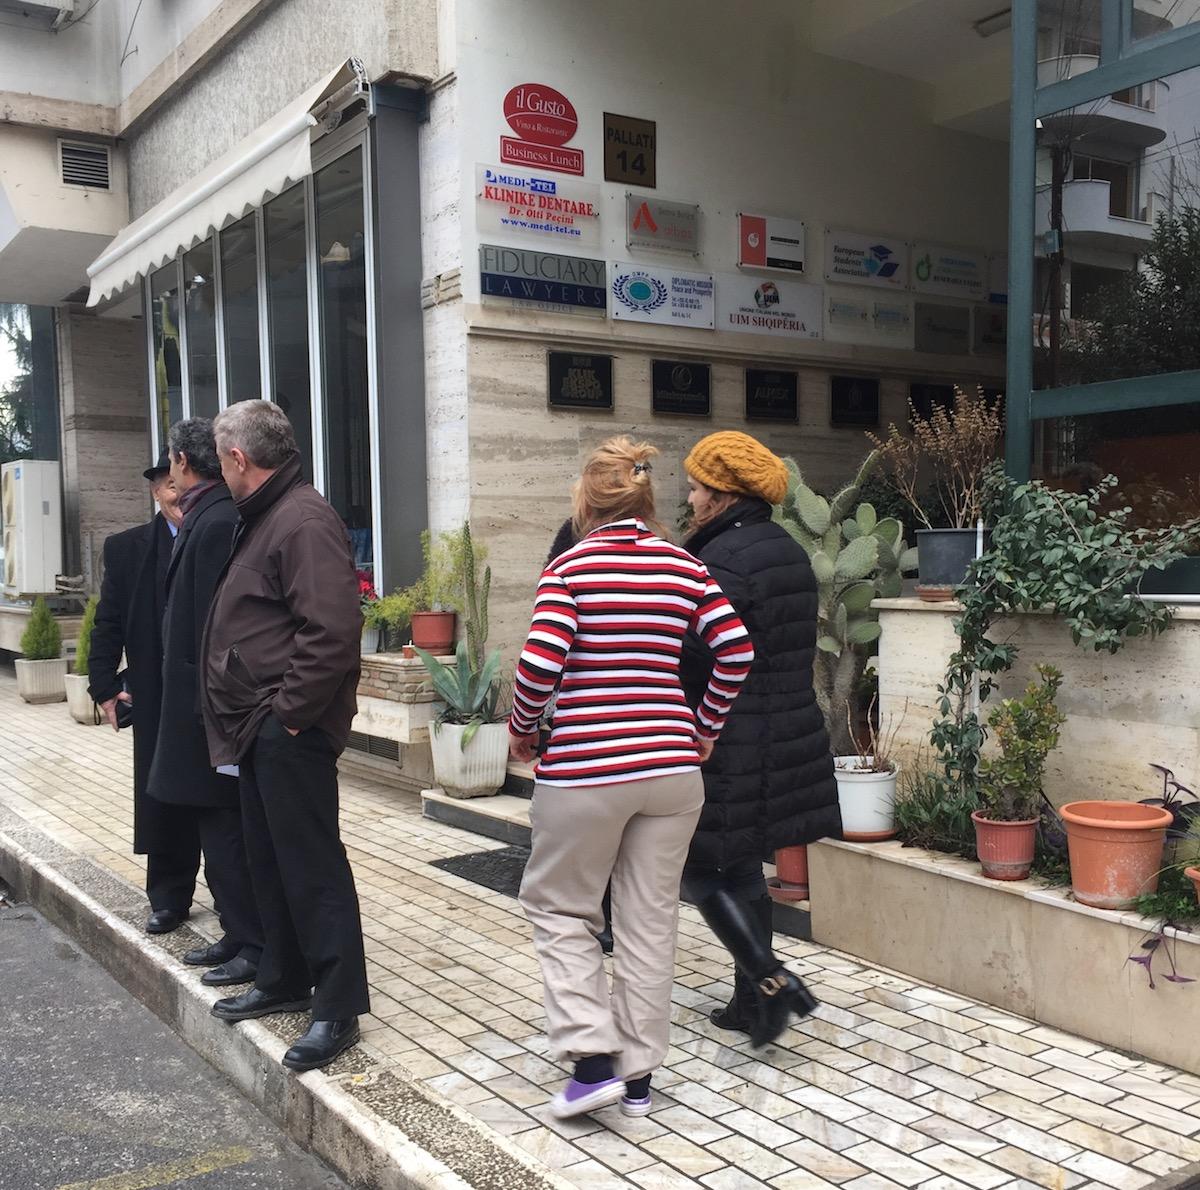 personen auf der Straße